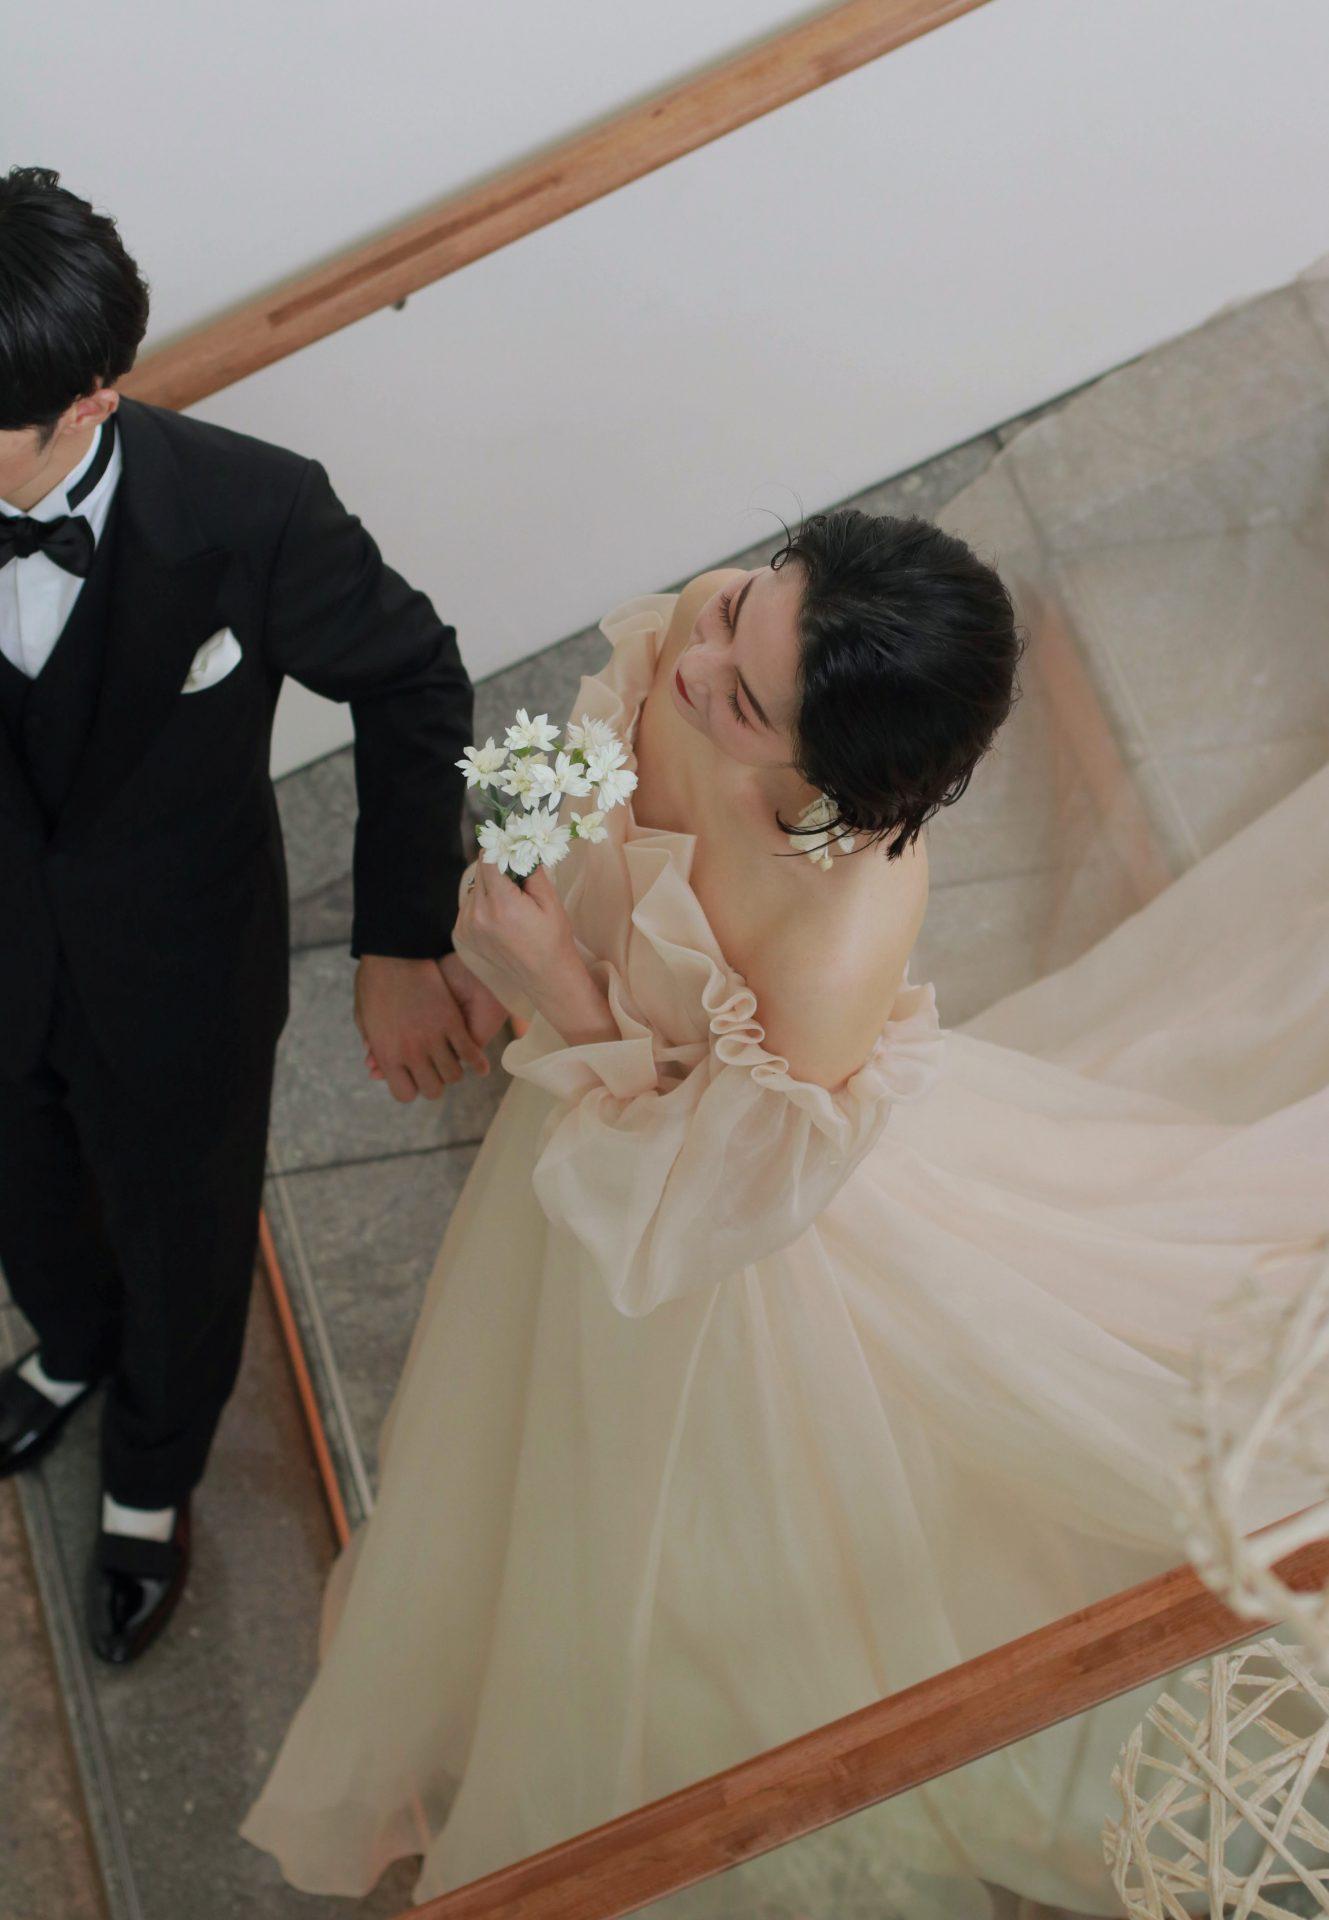 お洒落花嫁に人気のモニークルイリエより、ザトリートドレッシングアディション店に届いた新作ドレスは、オフショルダーデザインのAラインのウェディングドレスです